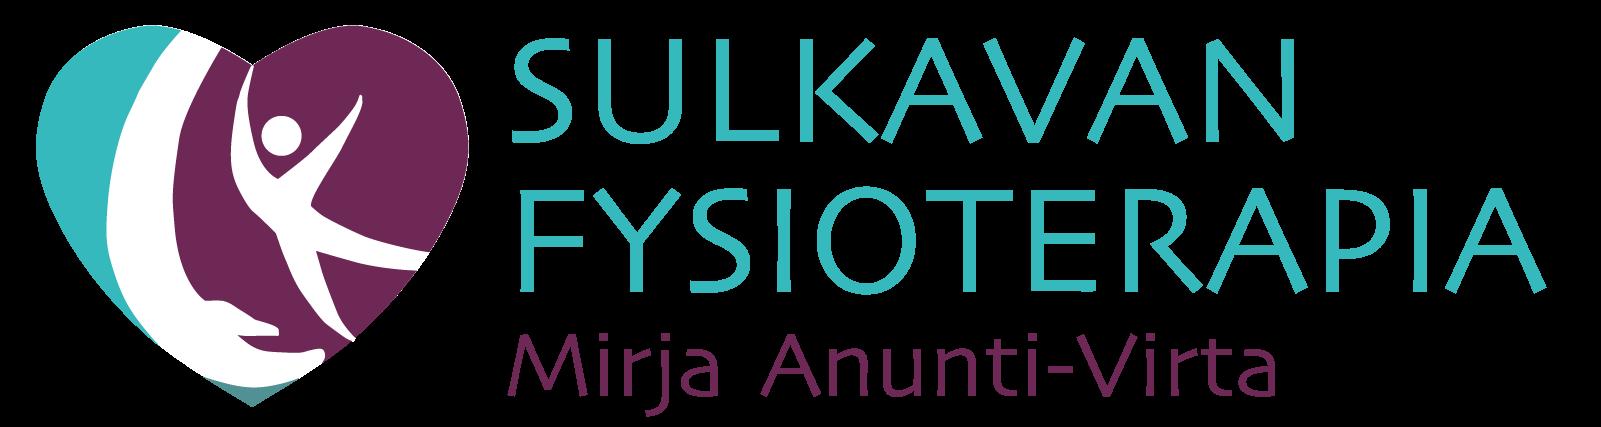 Sulkavan Fysioterapia, fysioterapeutti Mirja Anunti-Virta